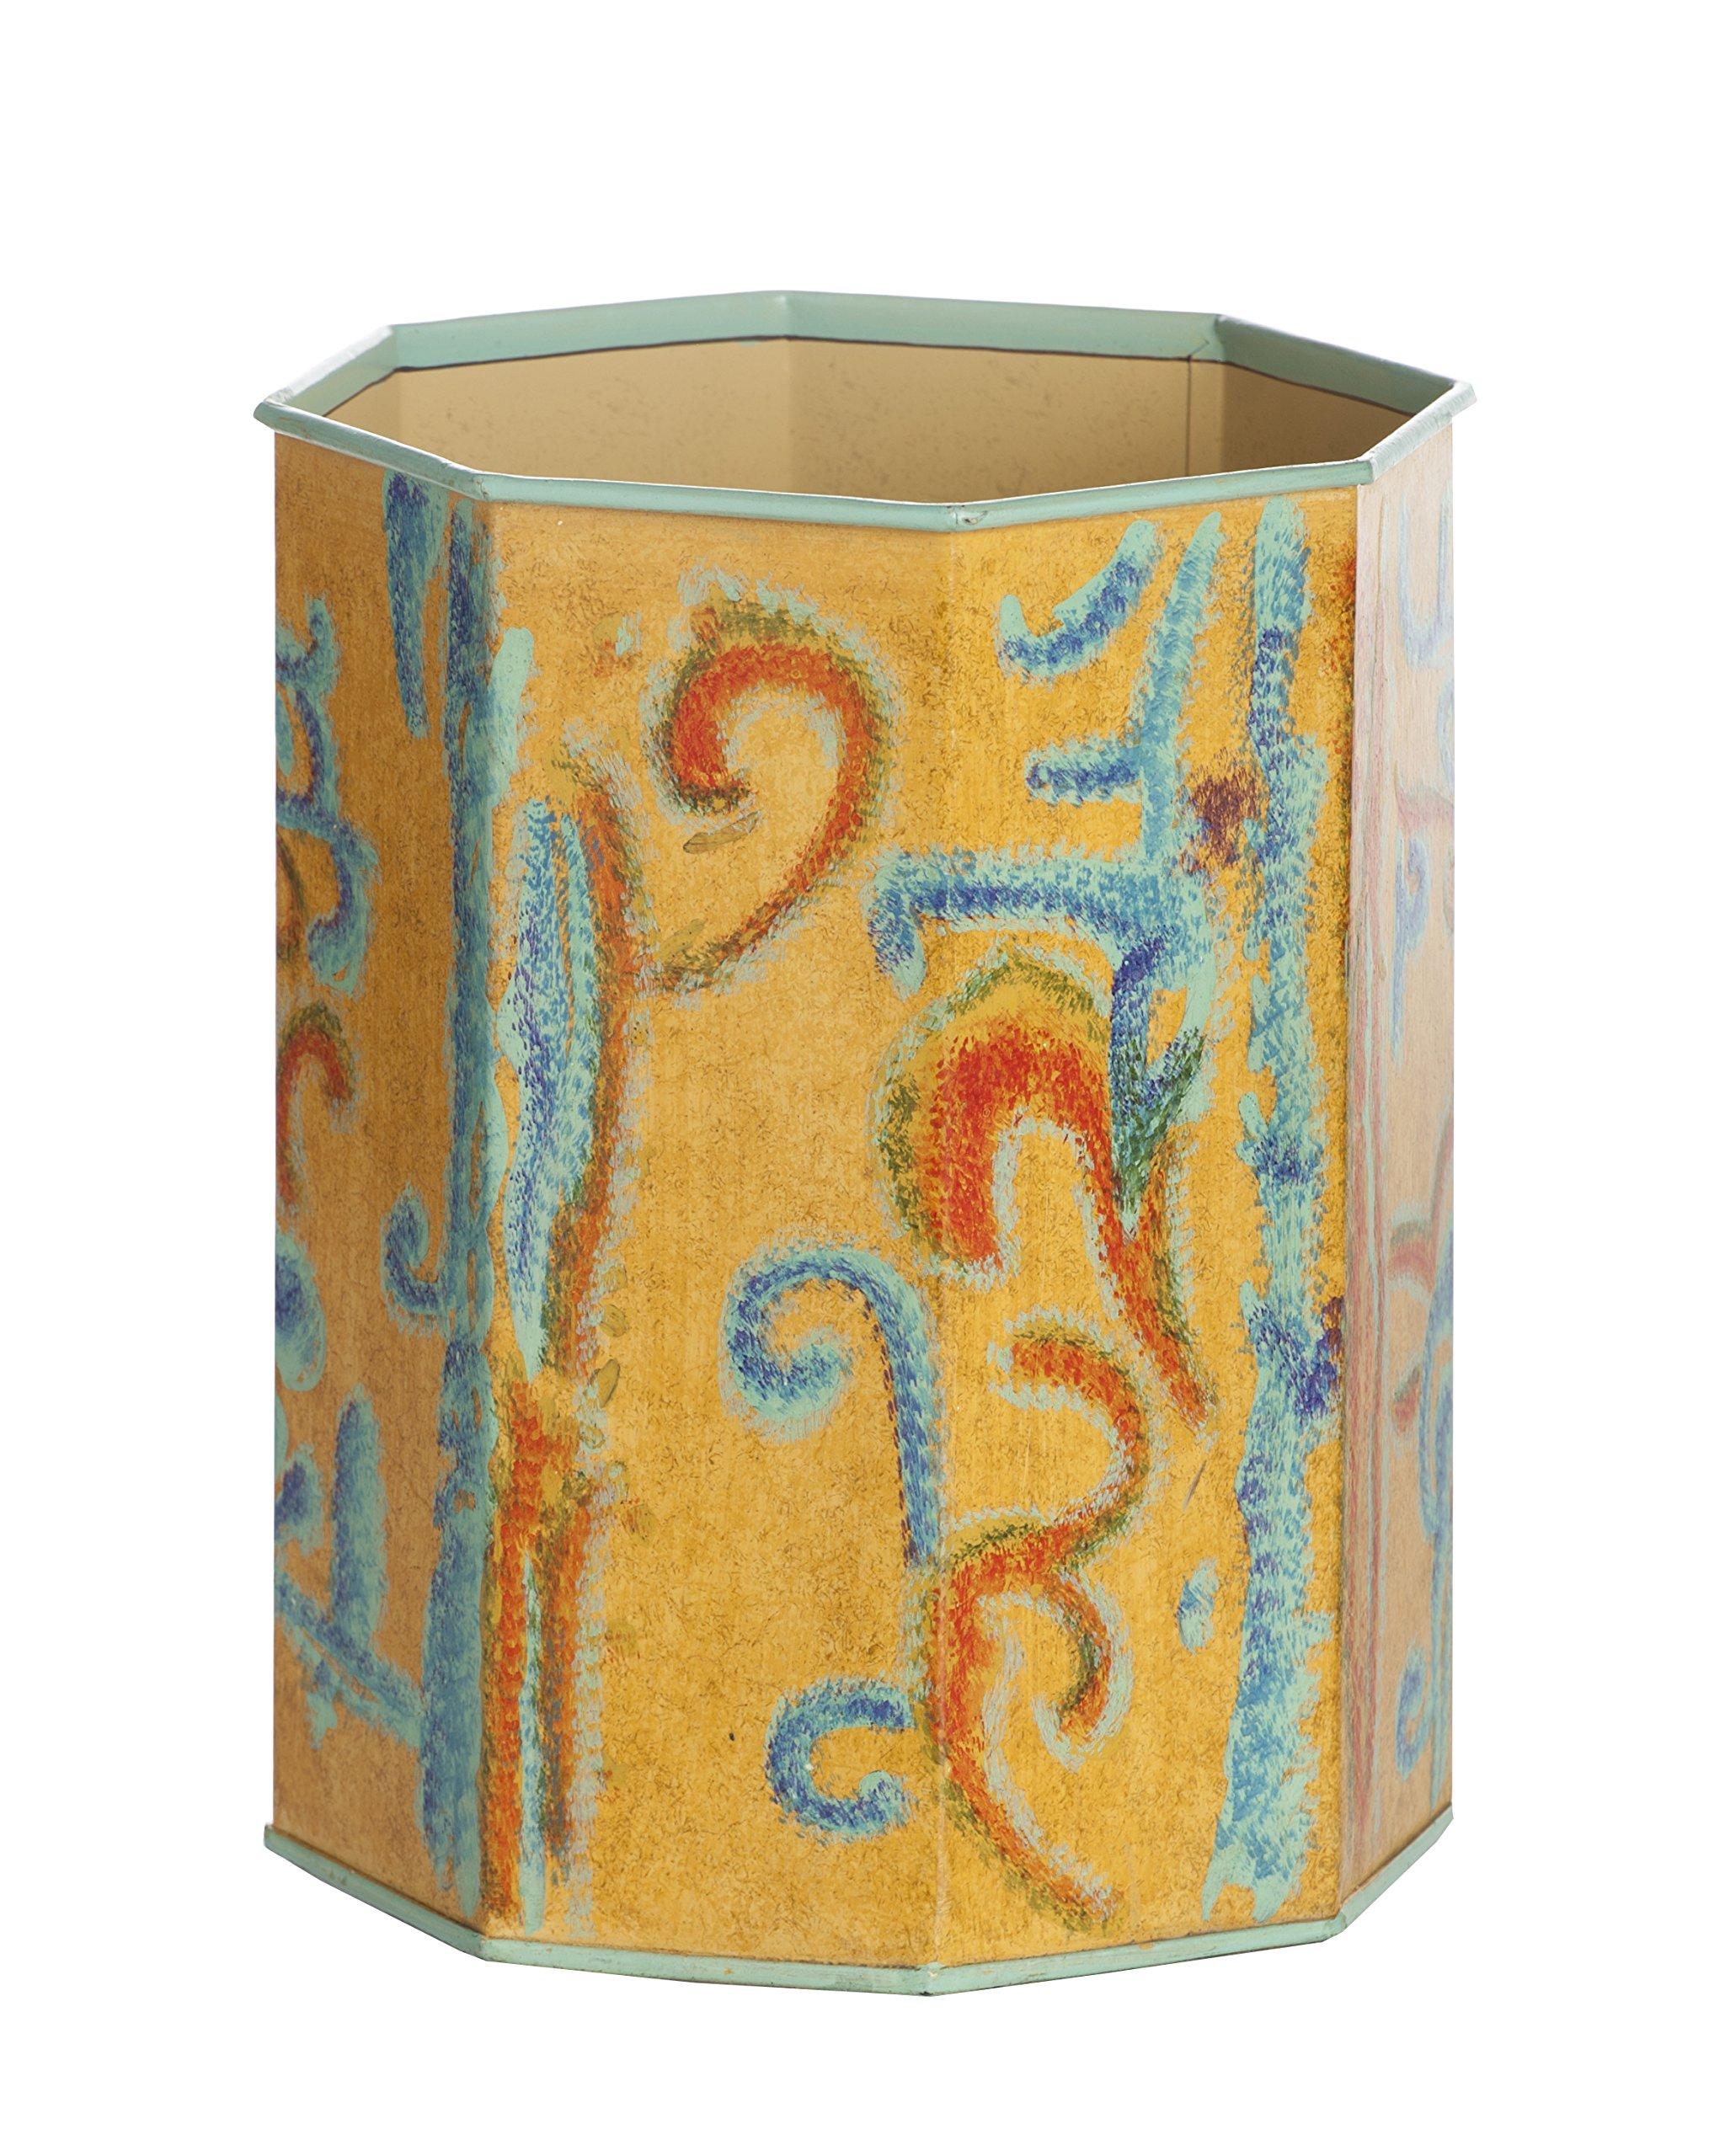 Abigails Kashmir Octagon Waste Bin, Daffodil Yellow